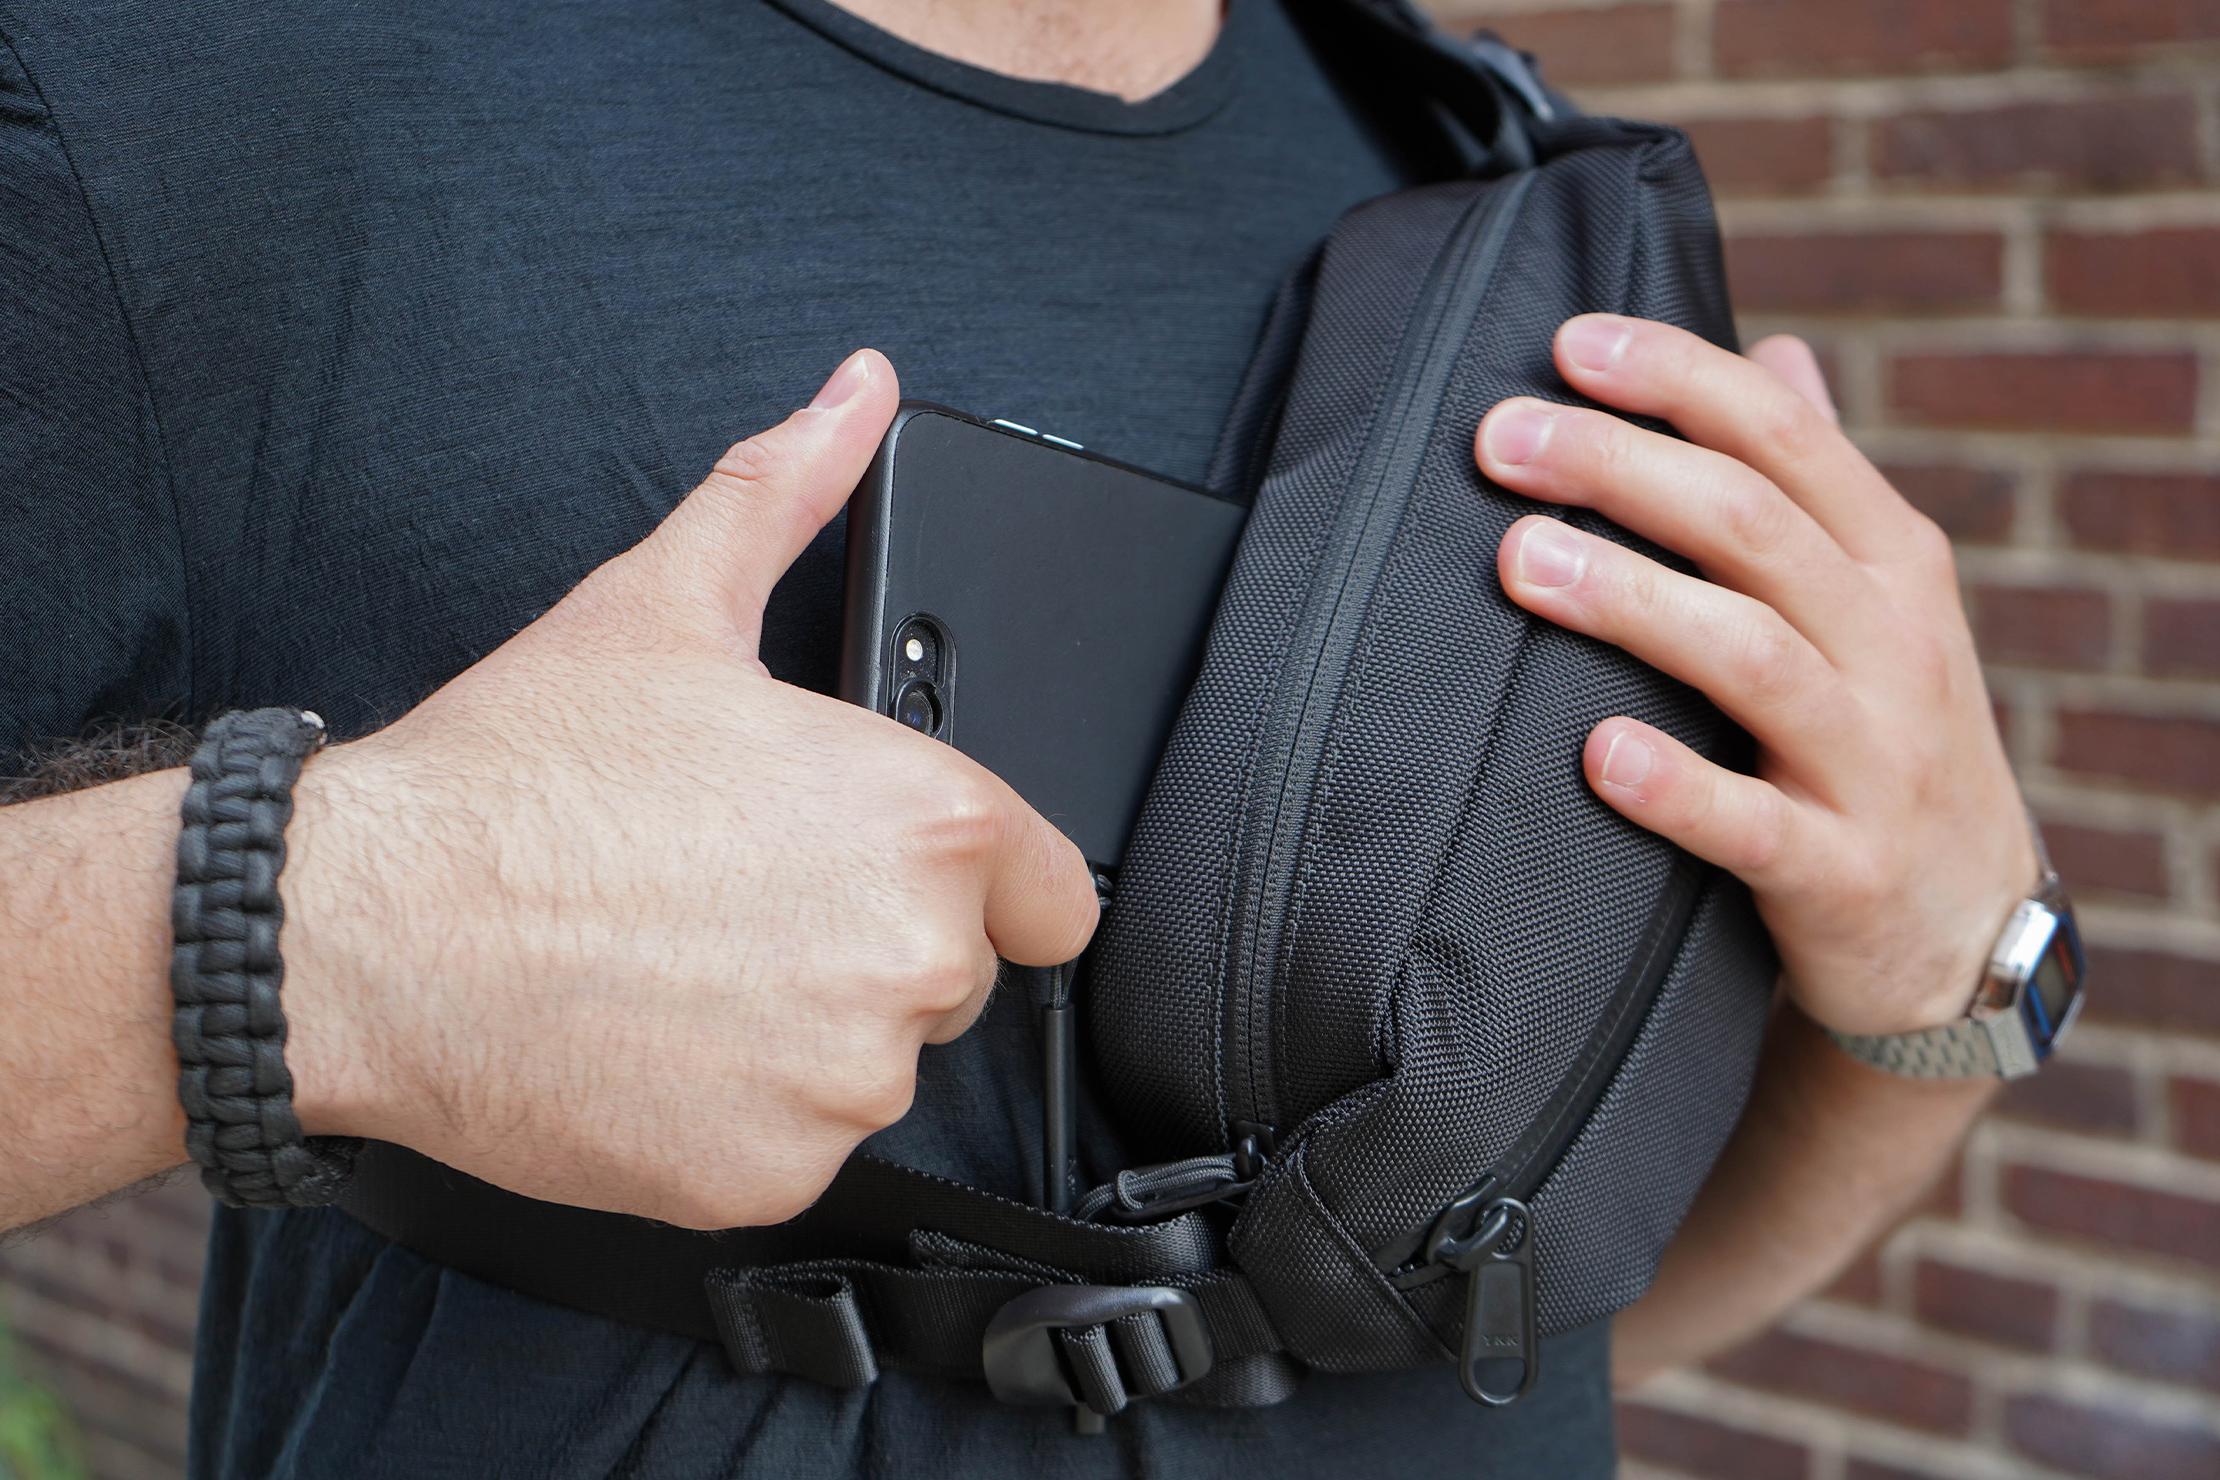 Aer City Sling Back Pocket In Use